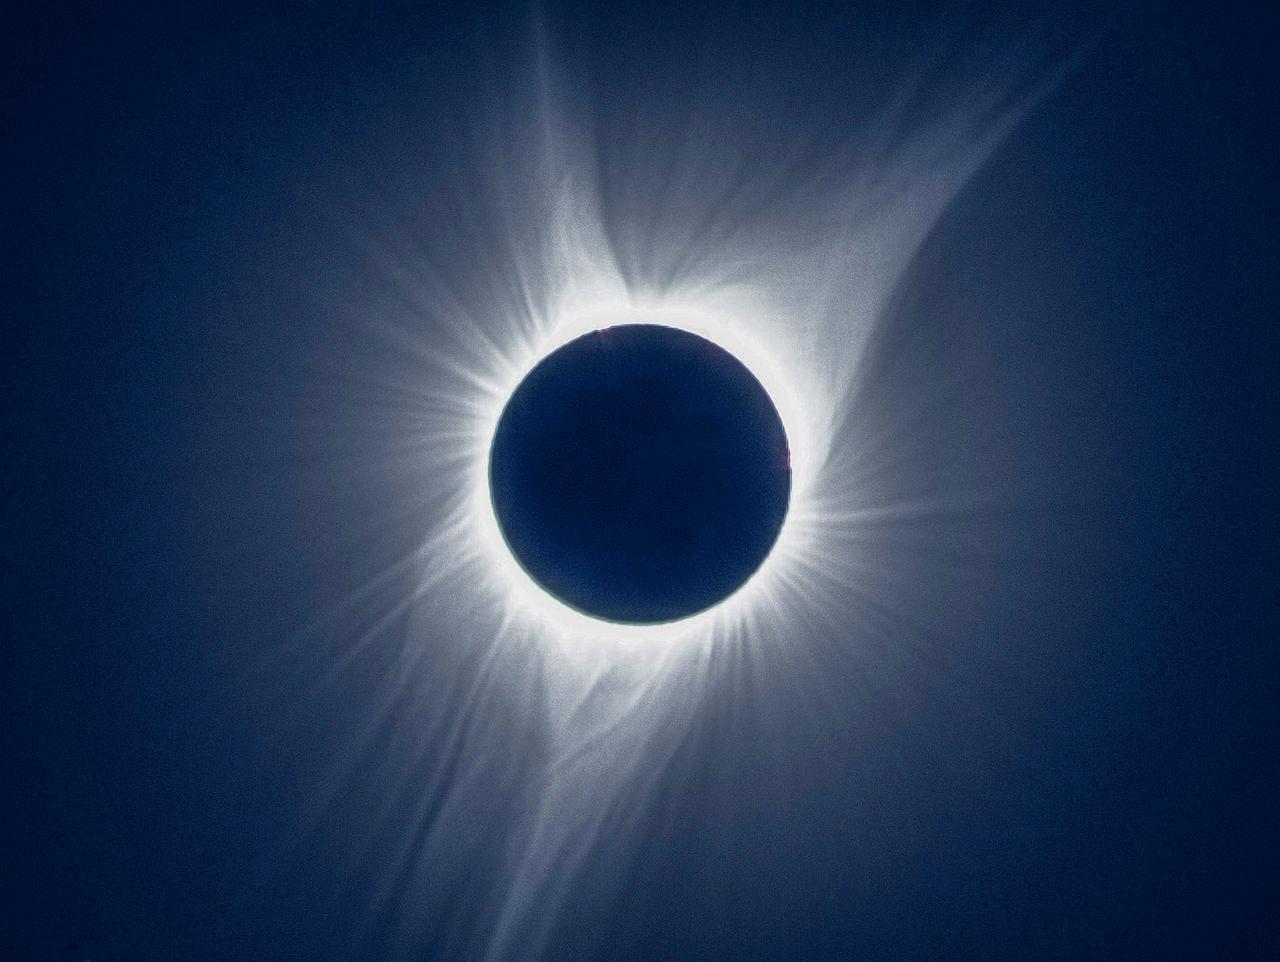 画像: 提供:アストロアーツ 星ナビ編集部 上田敬司 2017年アメリカ皆既日食で撮影